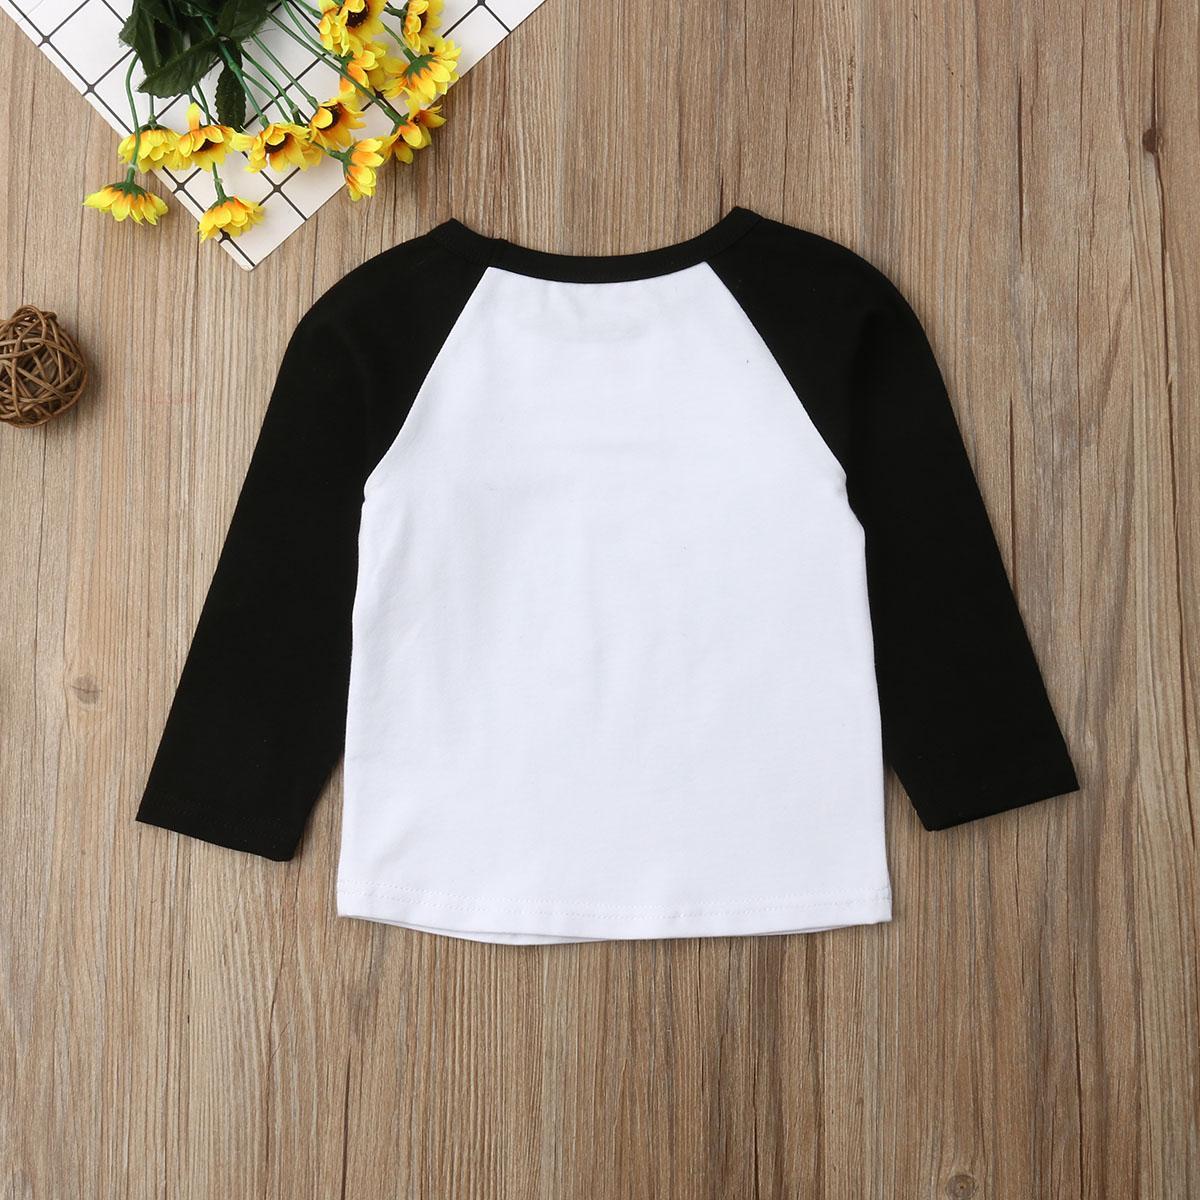 Pudcoco 6M-5Y New Mode Hauts confortables pour les enfants à manches longues automne printemps bébé lettre T-shirt pour enfants T-shirt imprimé